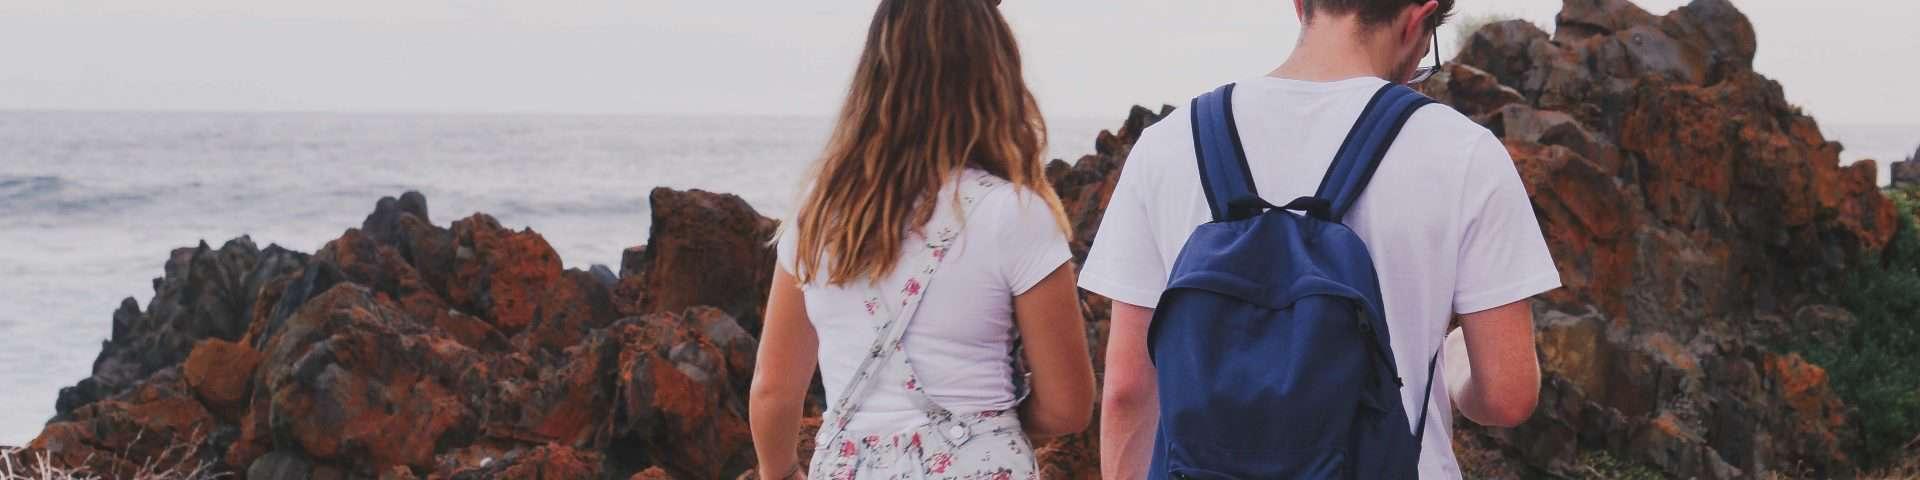 9 Dumme Beziehungsspiele, die du nicht ertragen solltest